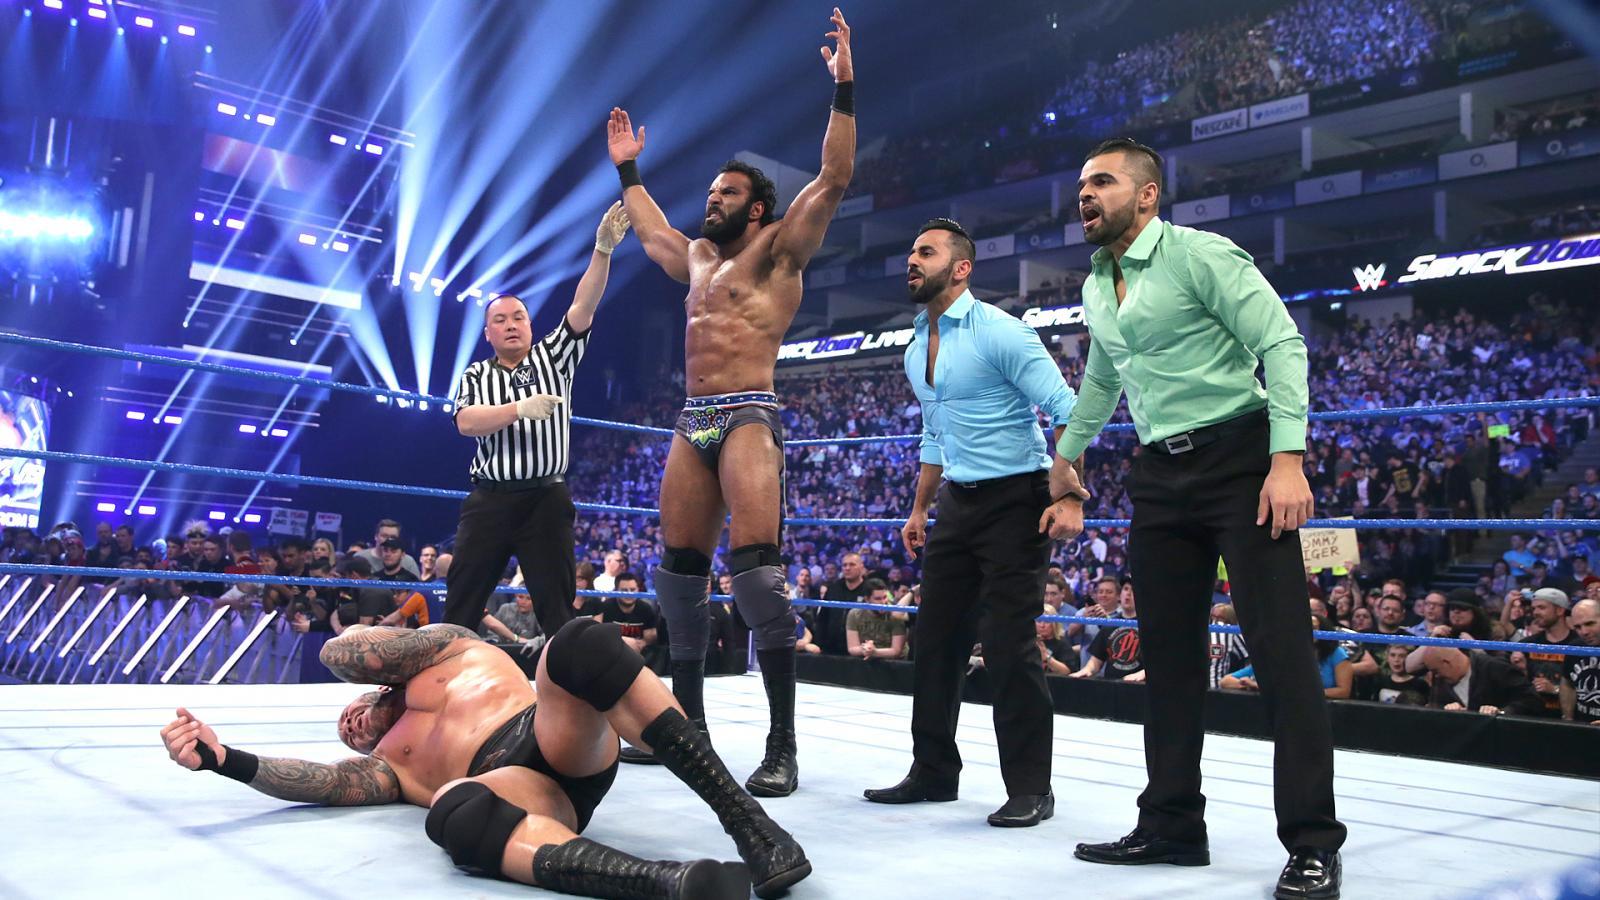 WWE SMACK DOWN रिजल्ट 10 मई 2017, अंत में भारतीय रेसलर पड़ा WWE चैंपियं पर भारी 1